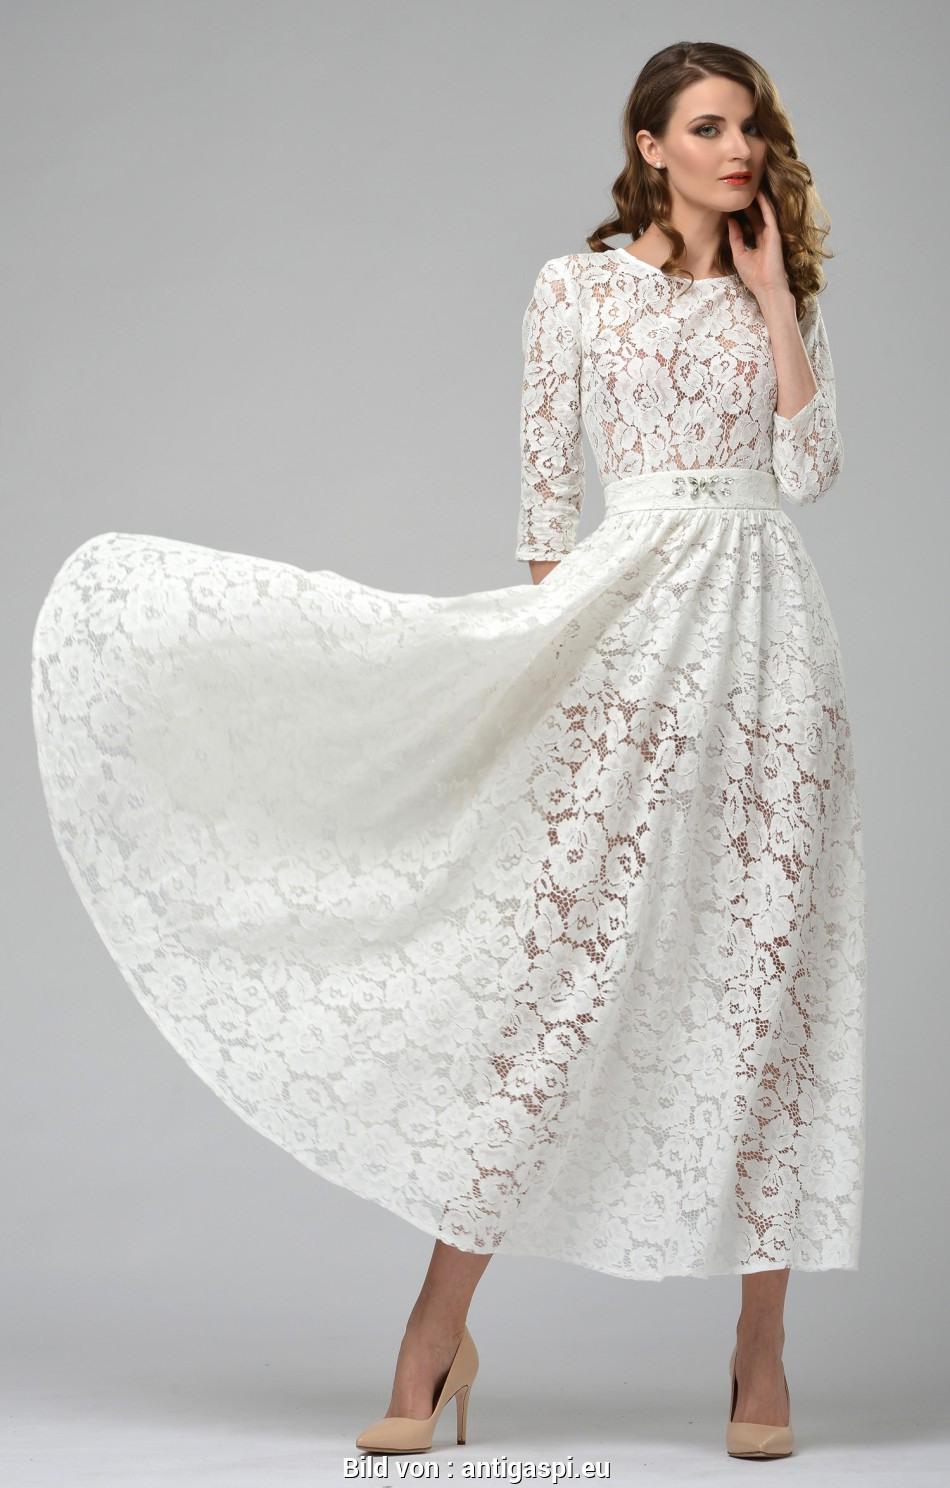 20 Genial Weiße Kleider Mit Spitze Stylish - Abendkleid